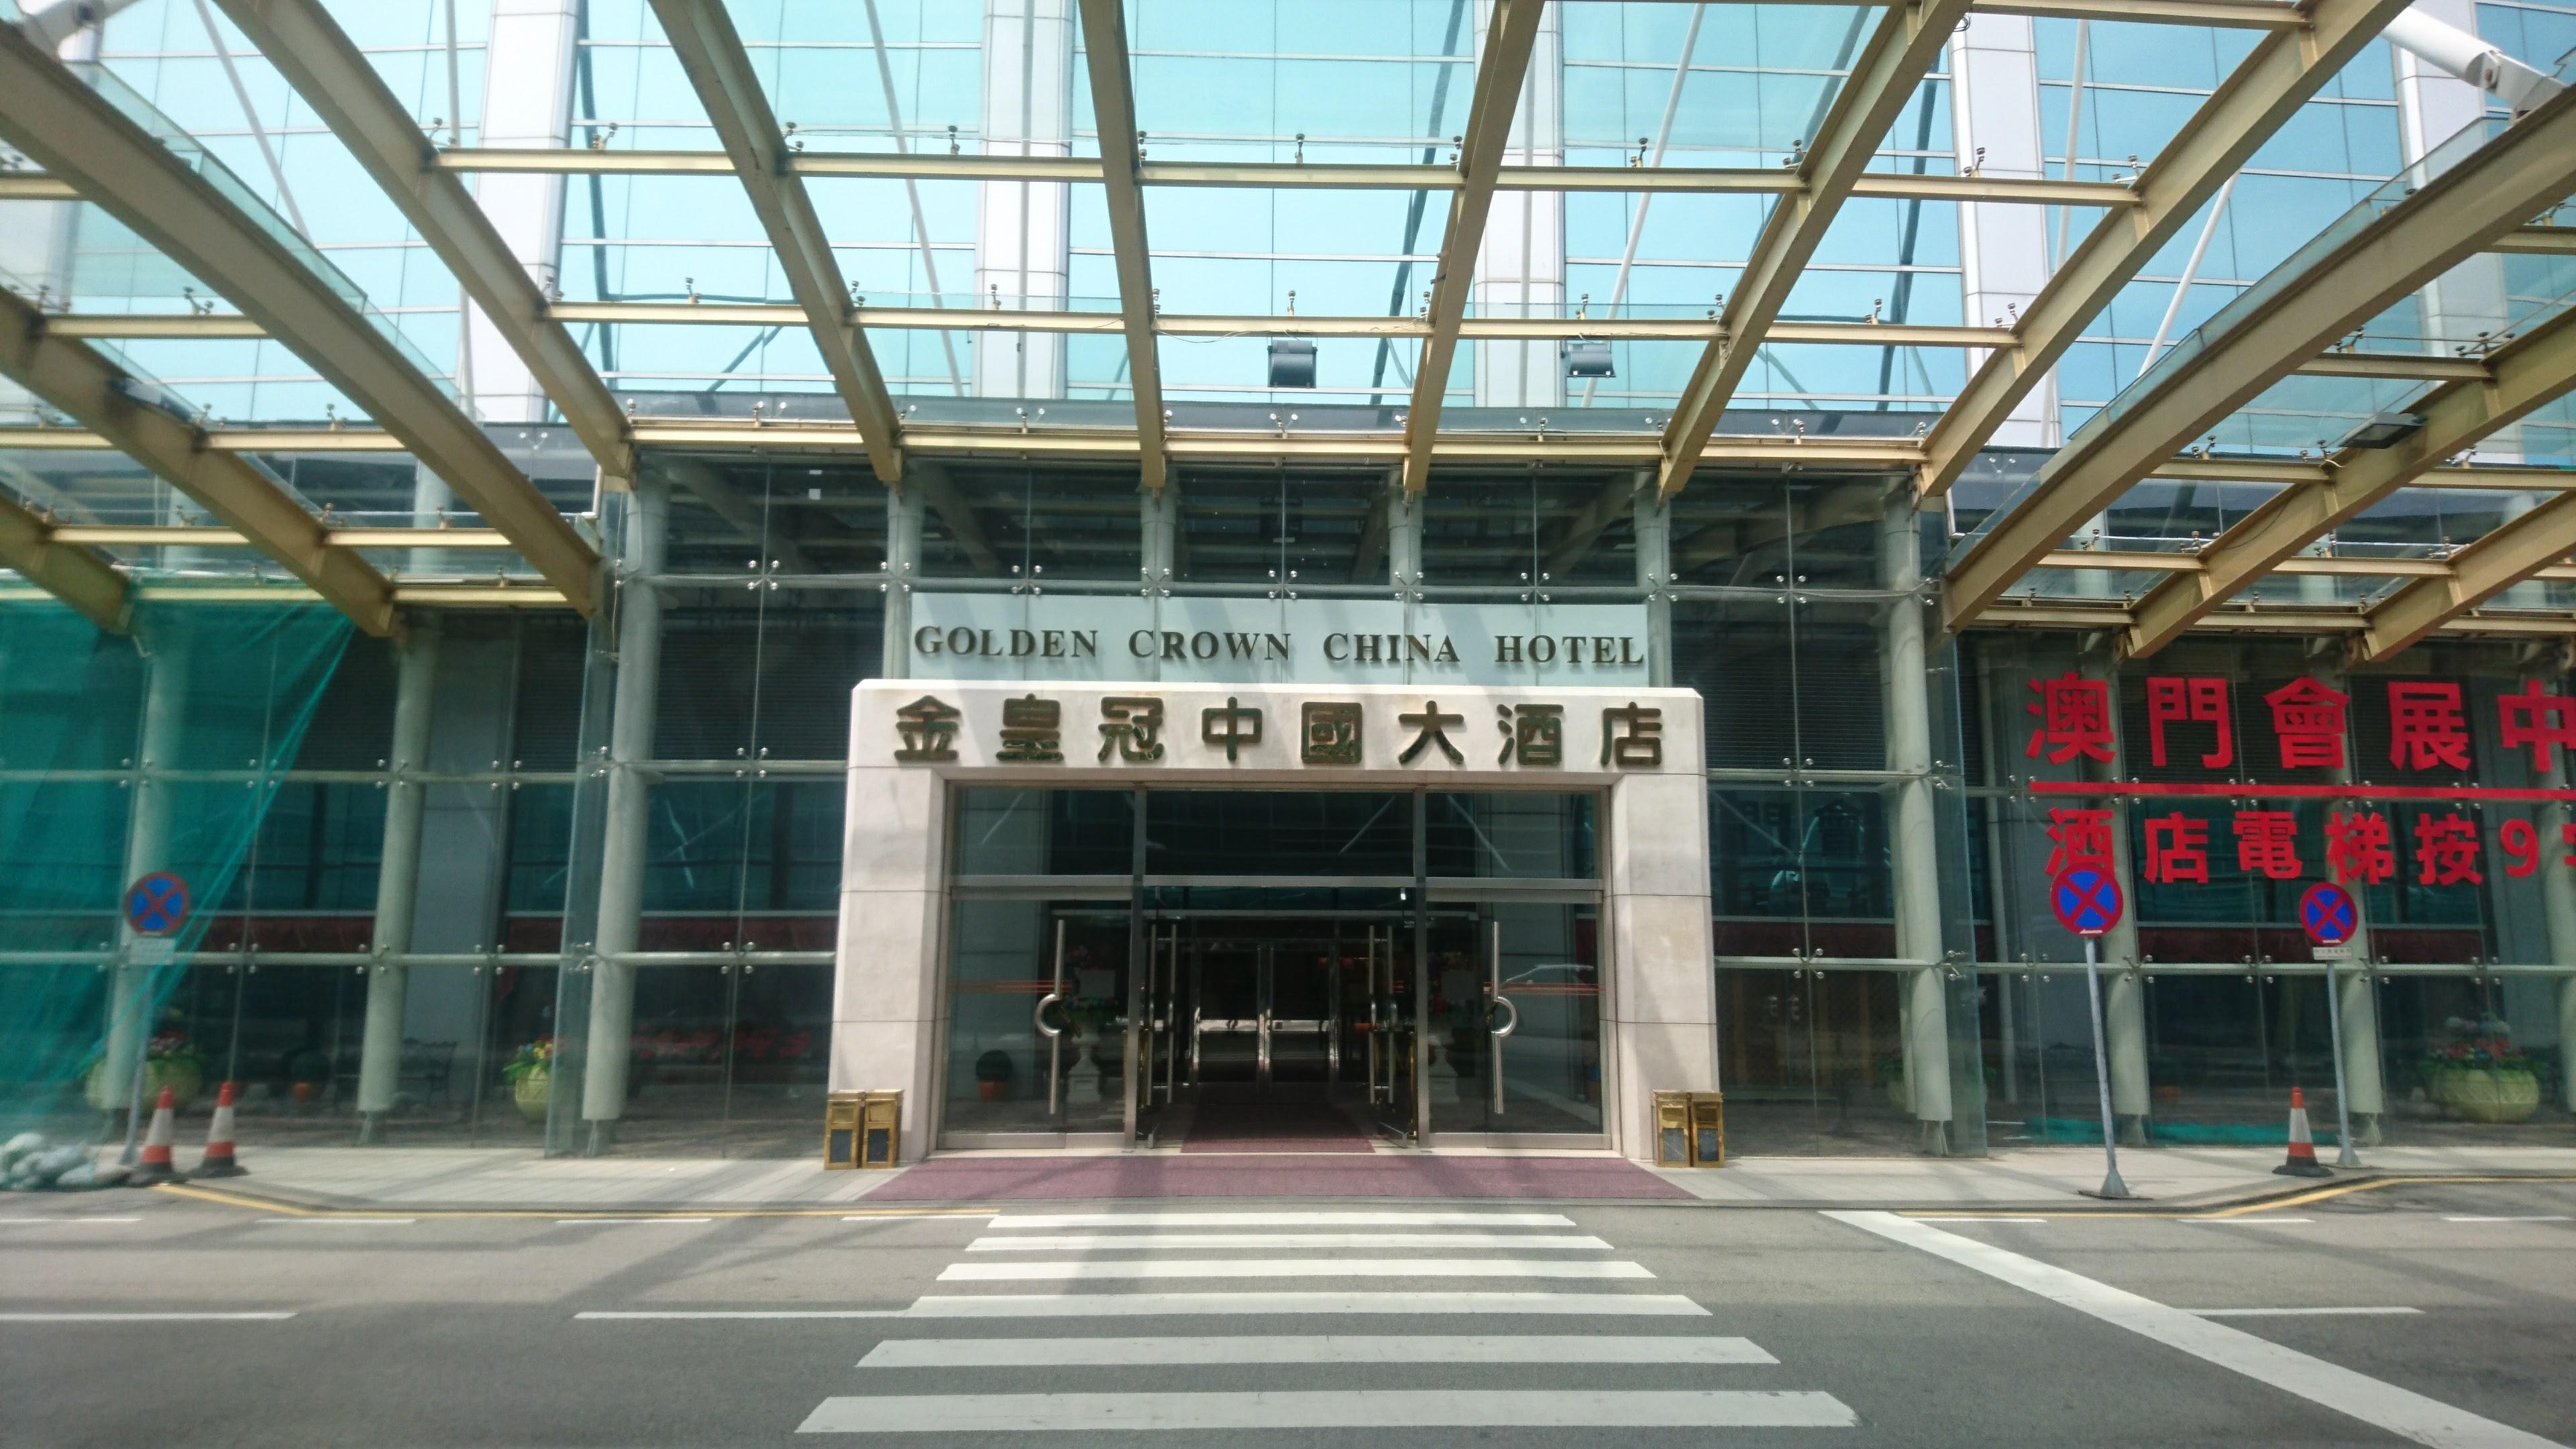 ゴールデン クラウン チャイナ ホテル/金皇冠中國大酒店/Golden Crown China Hotel